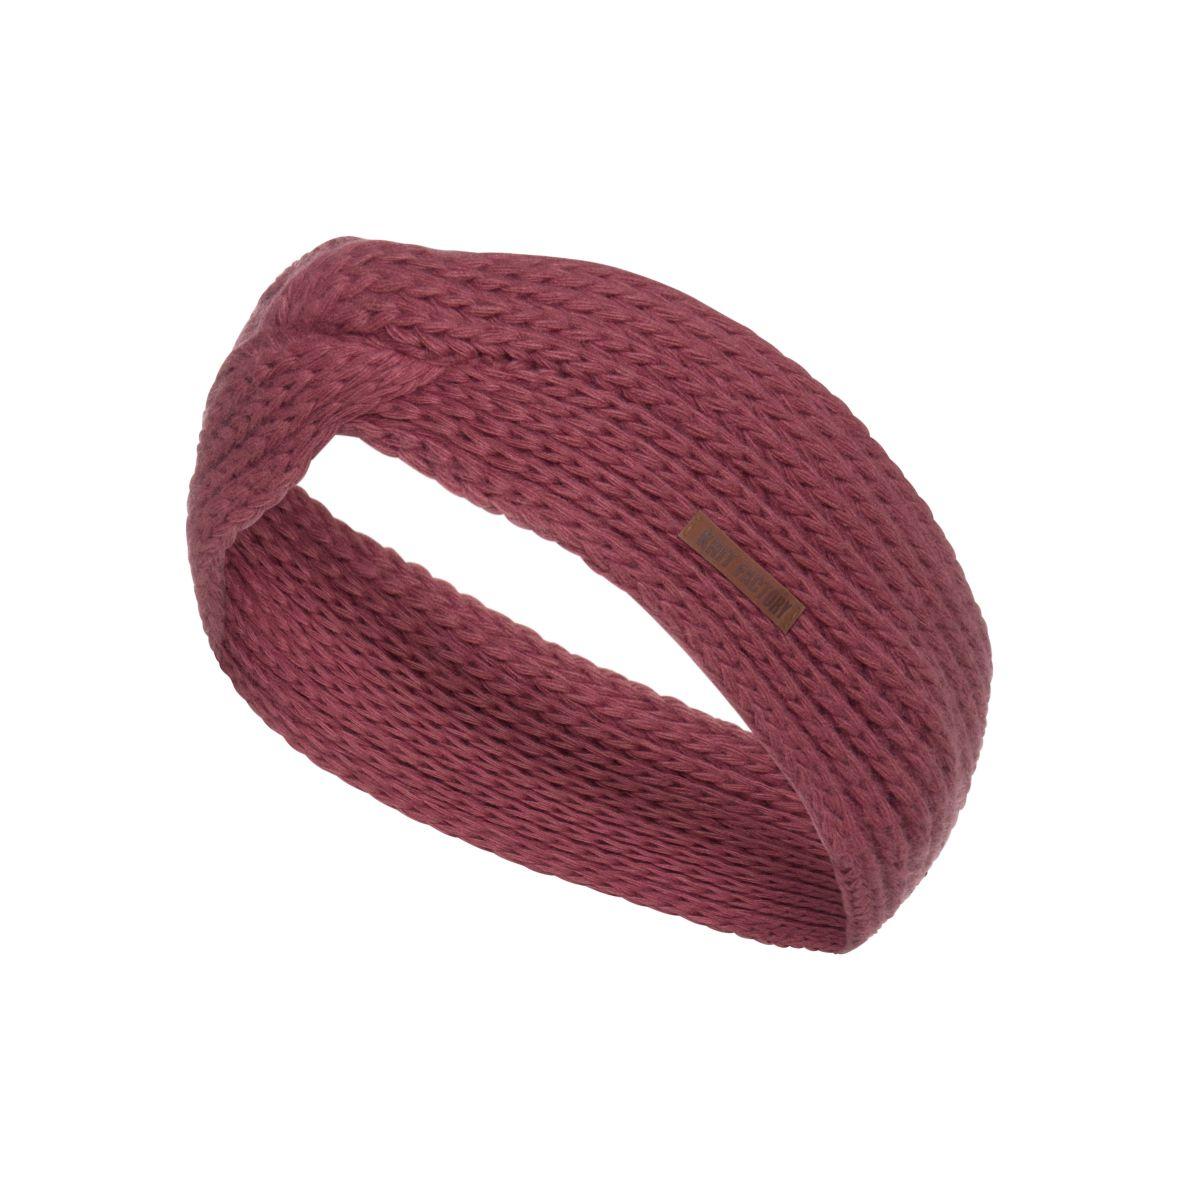 joy headband stone red